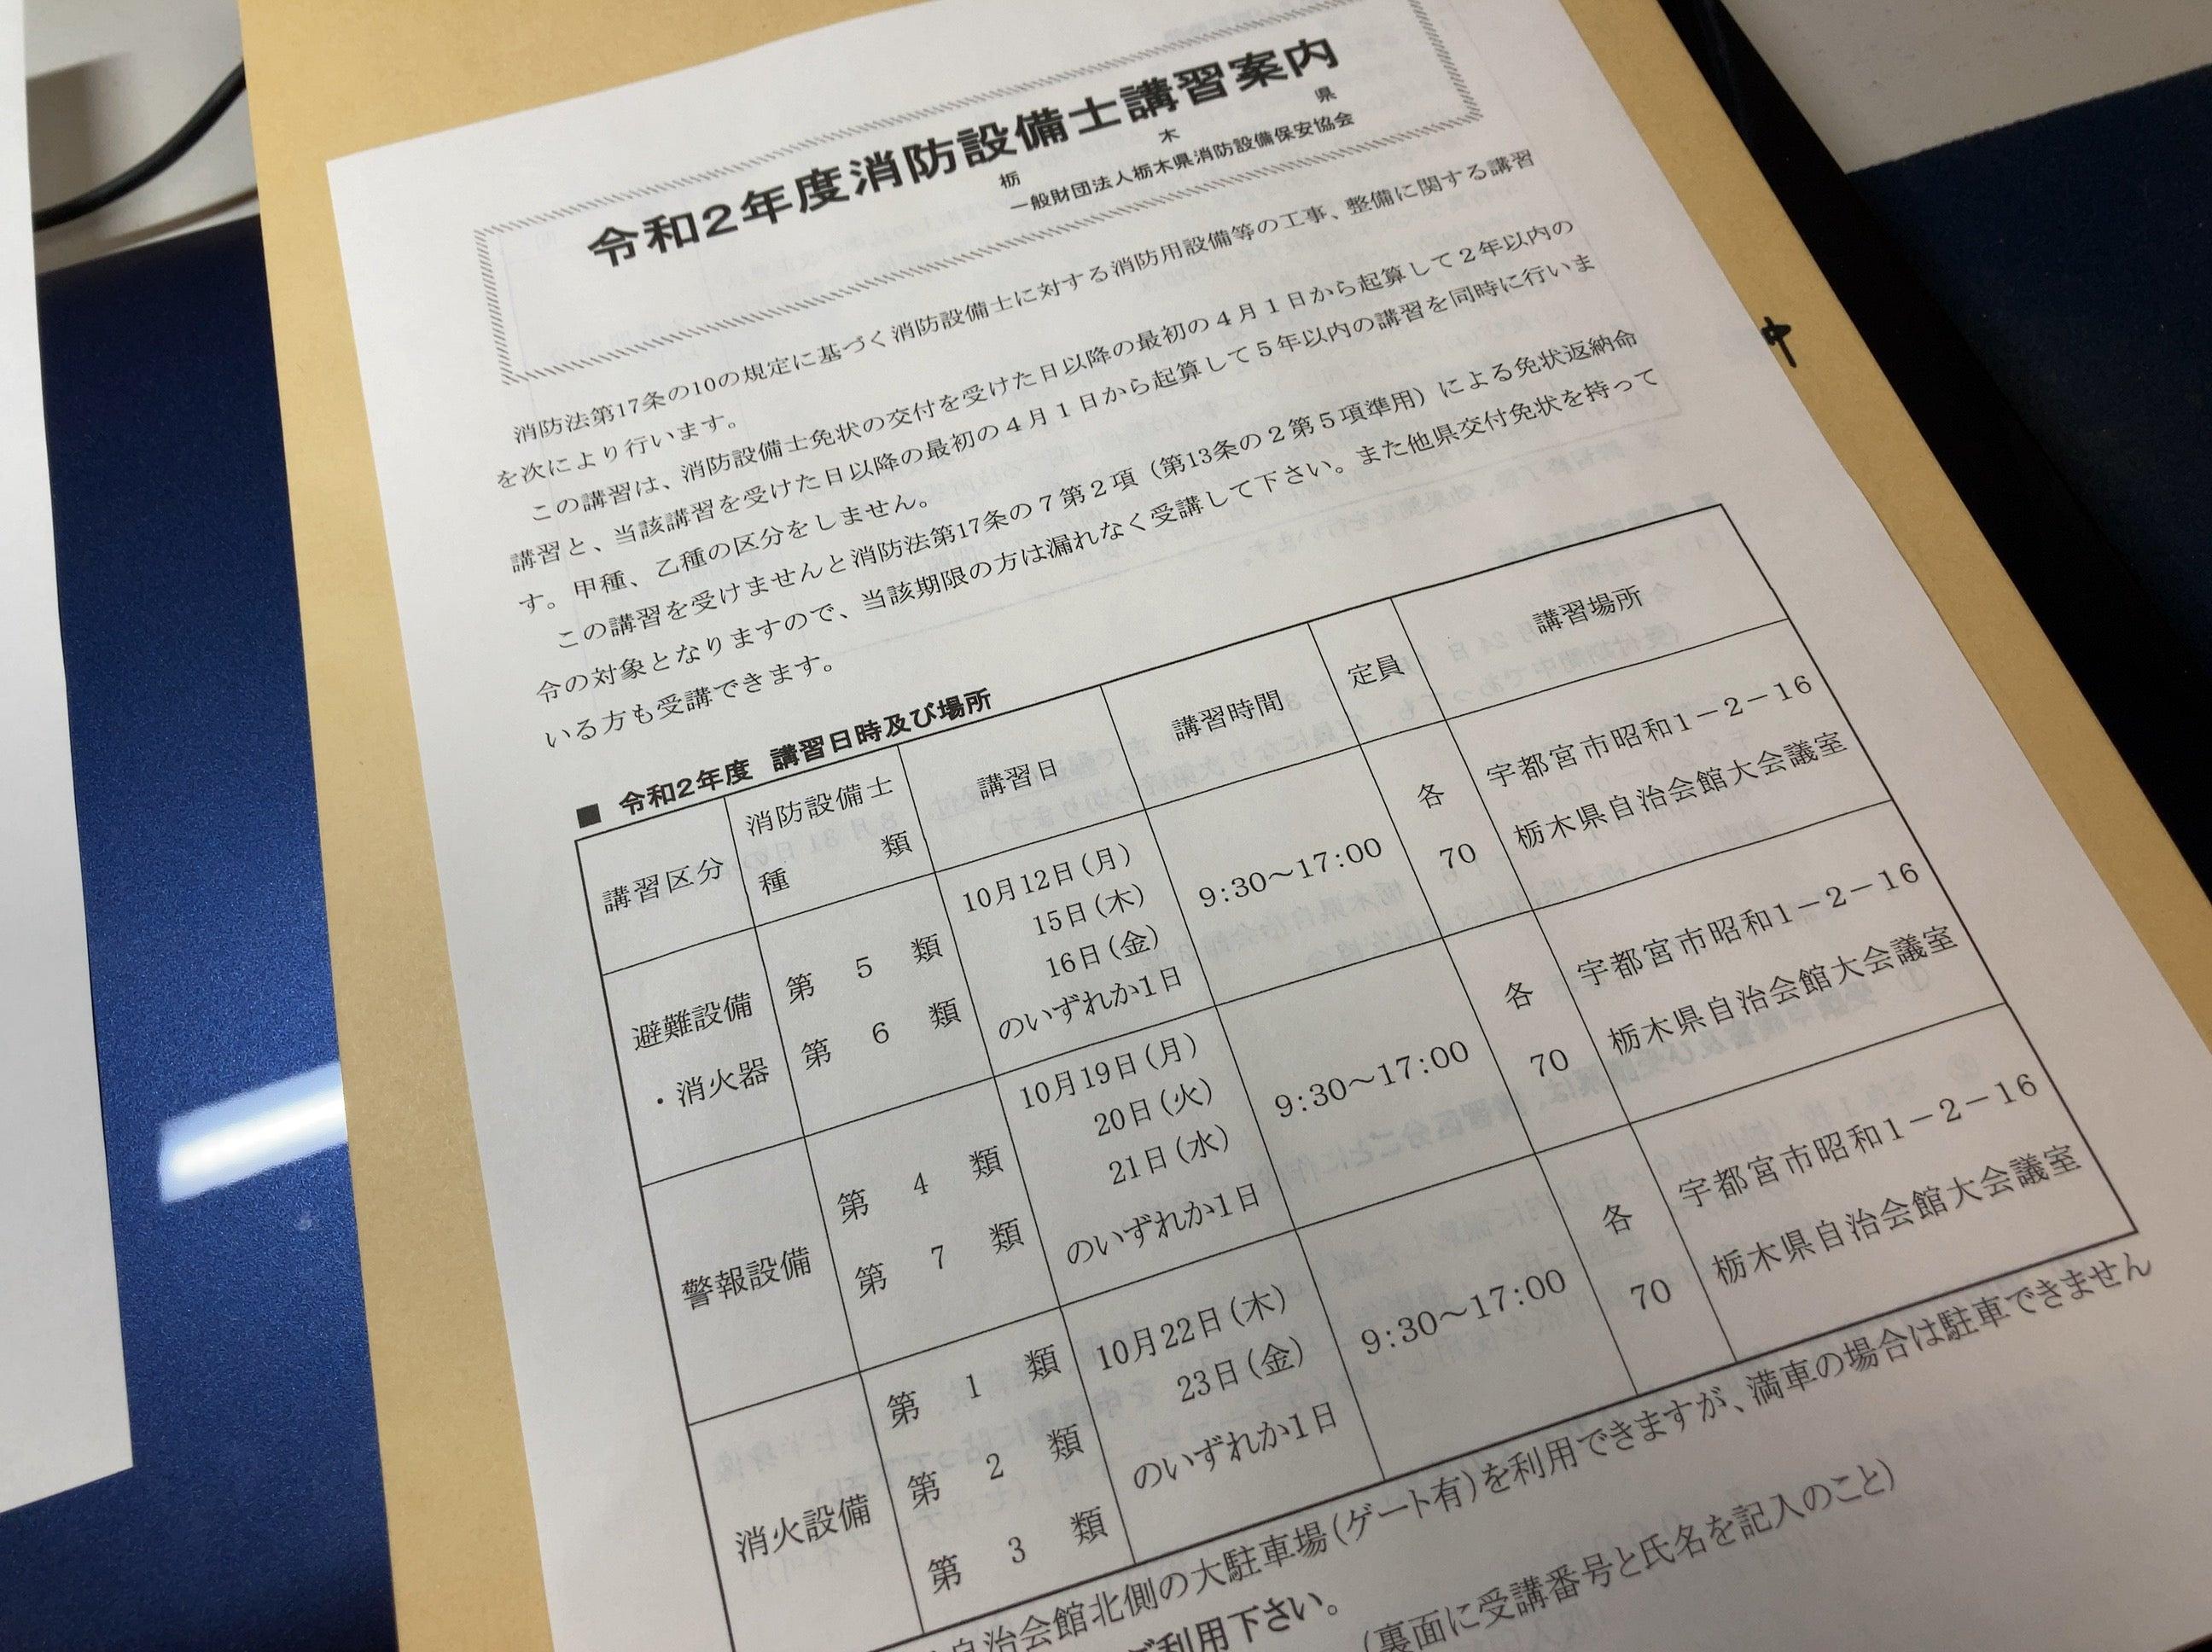 証紙 栃木 県 収入